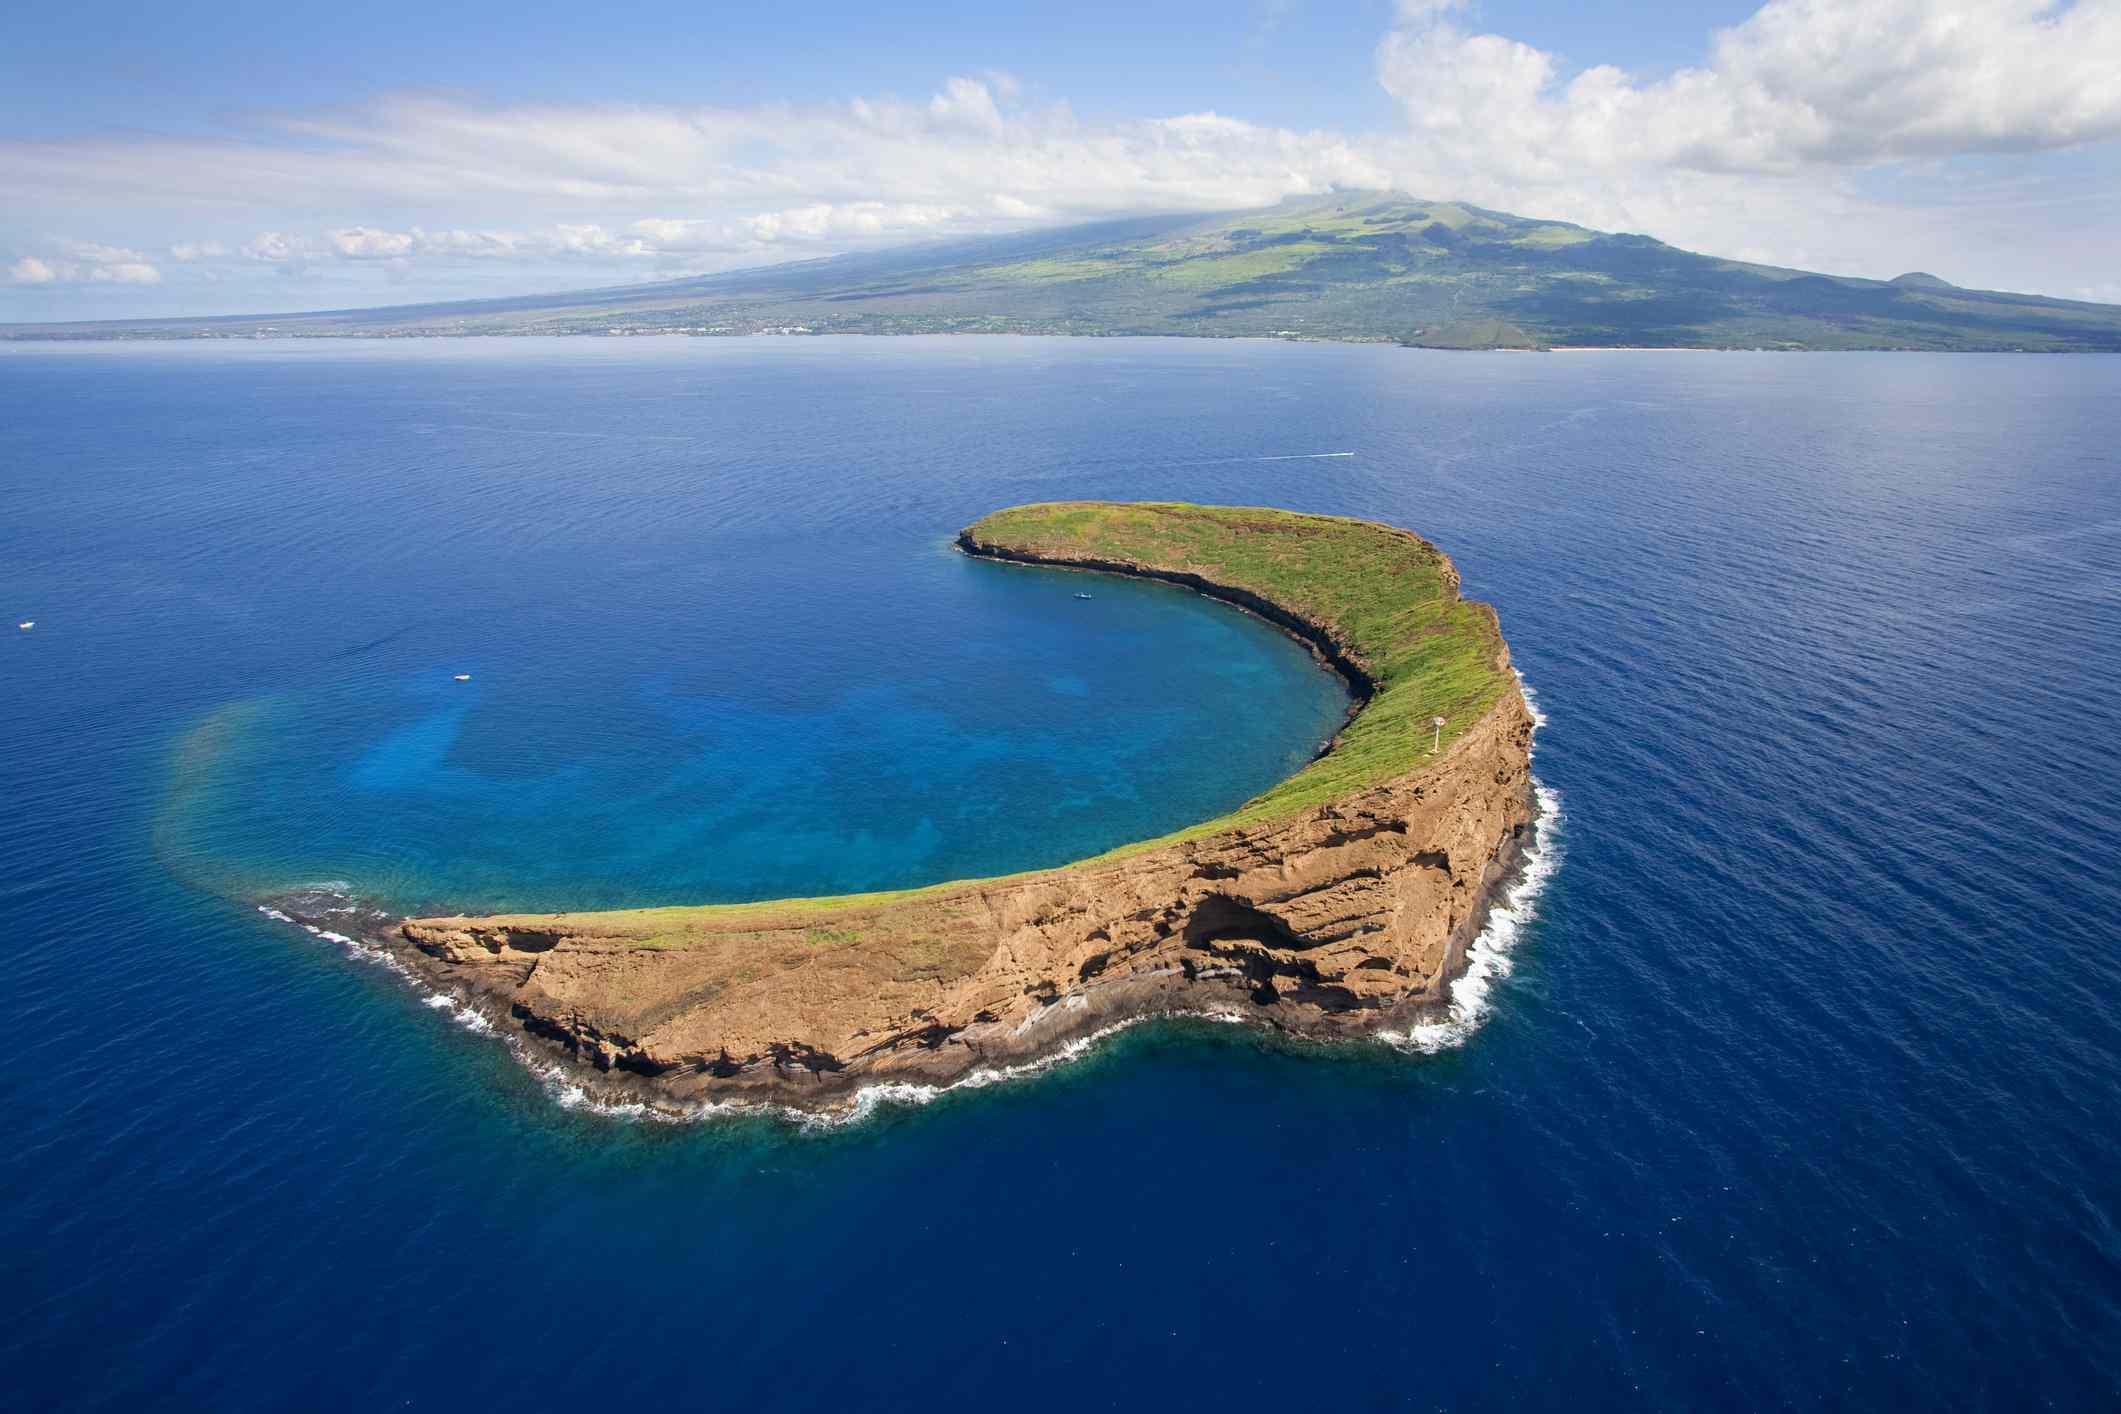 Molokini Crater on Maui, Hawaii